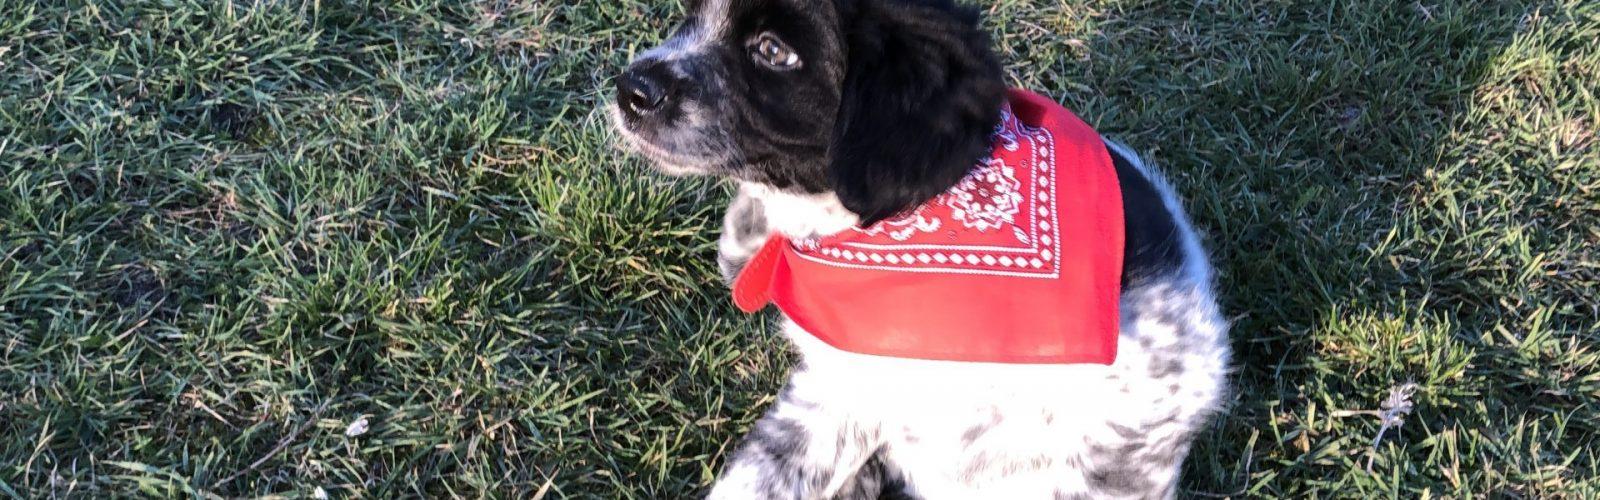 Onze nieuwe hond Inca